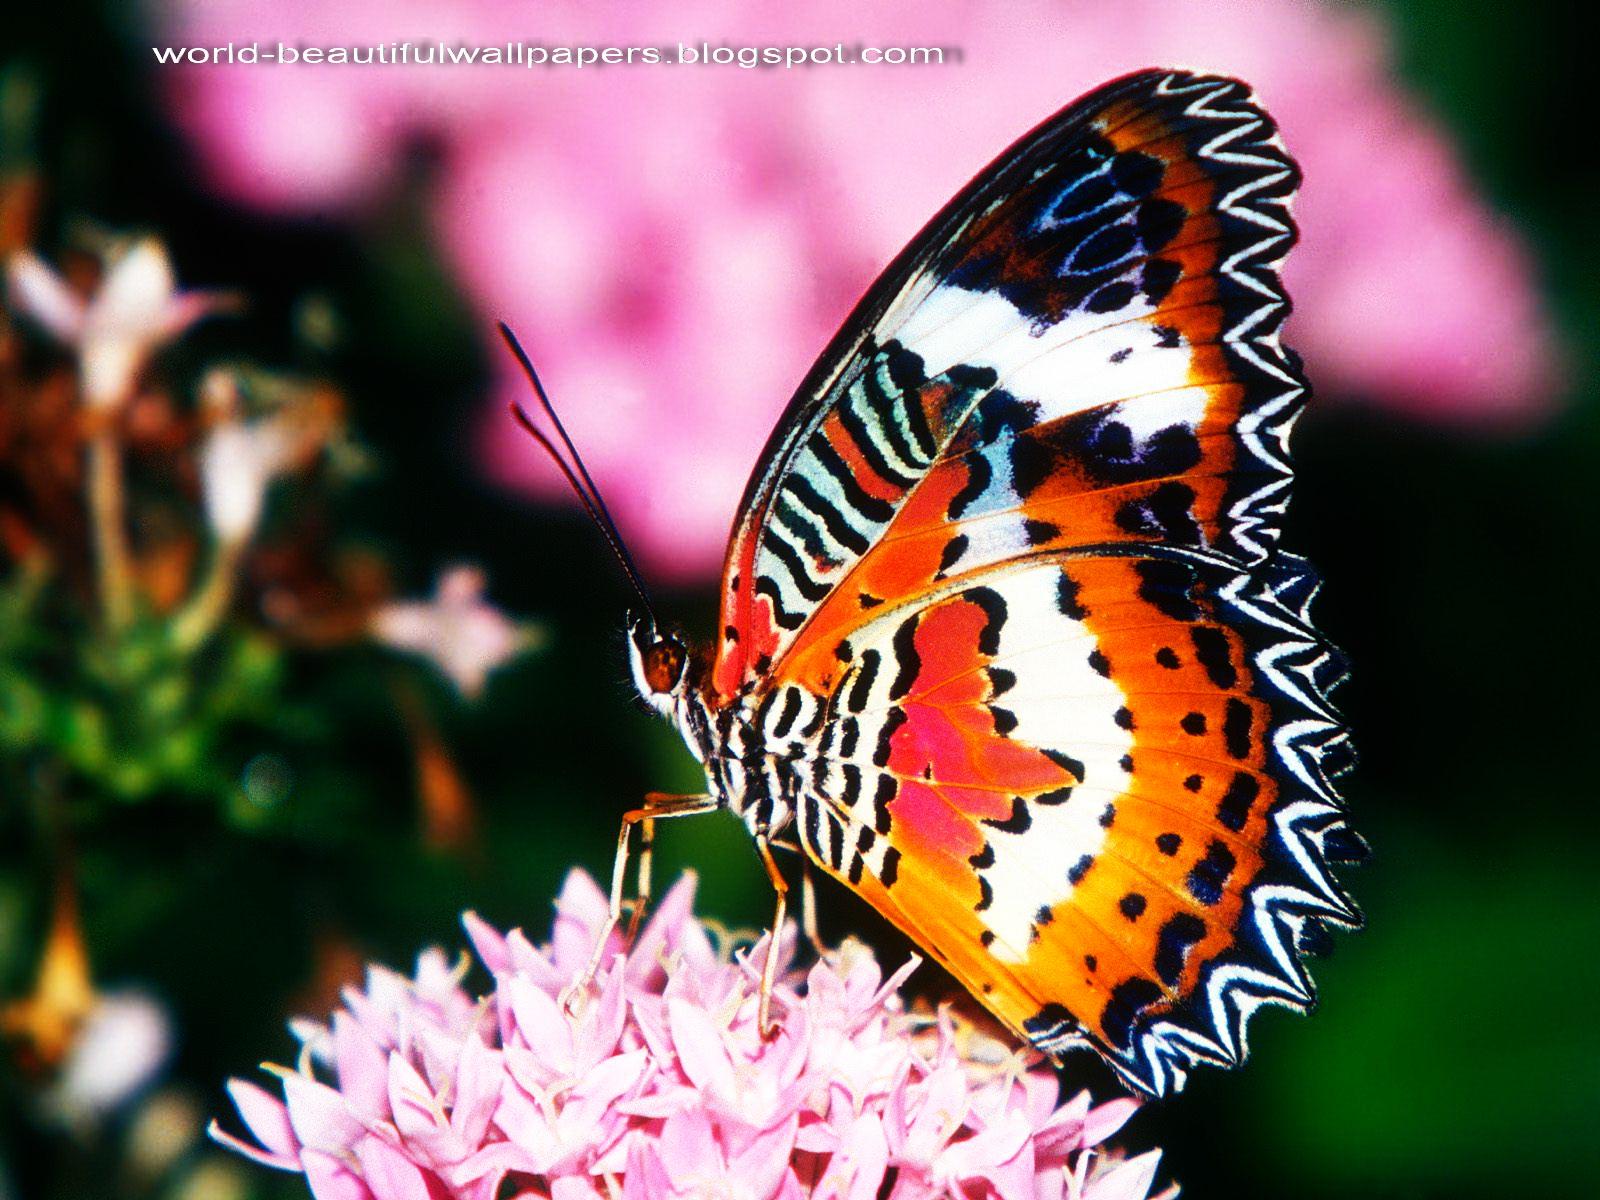 Beautiful Wallpapers Beautiful Butterflies Wallpaper 1600x1200